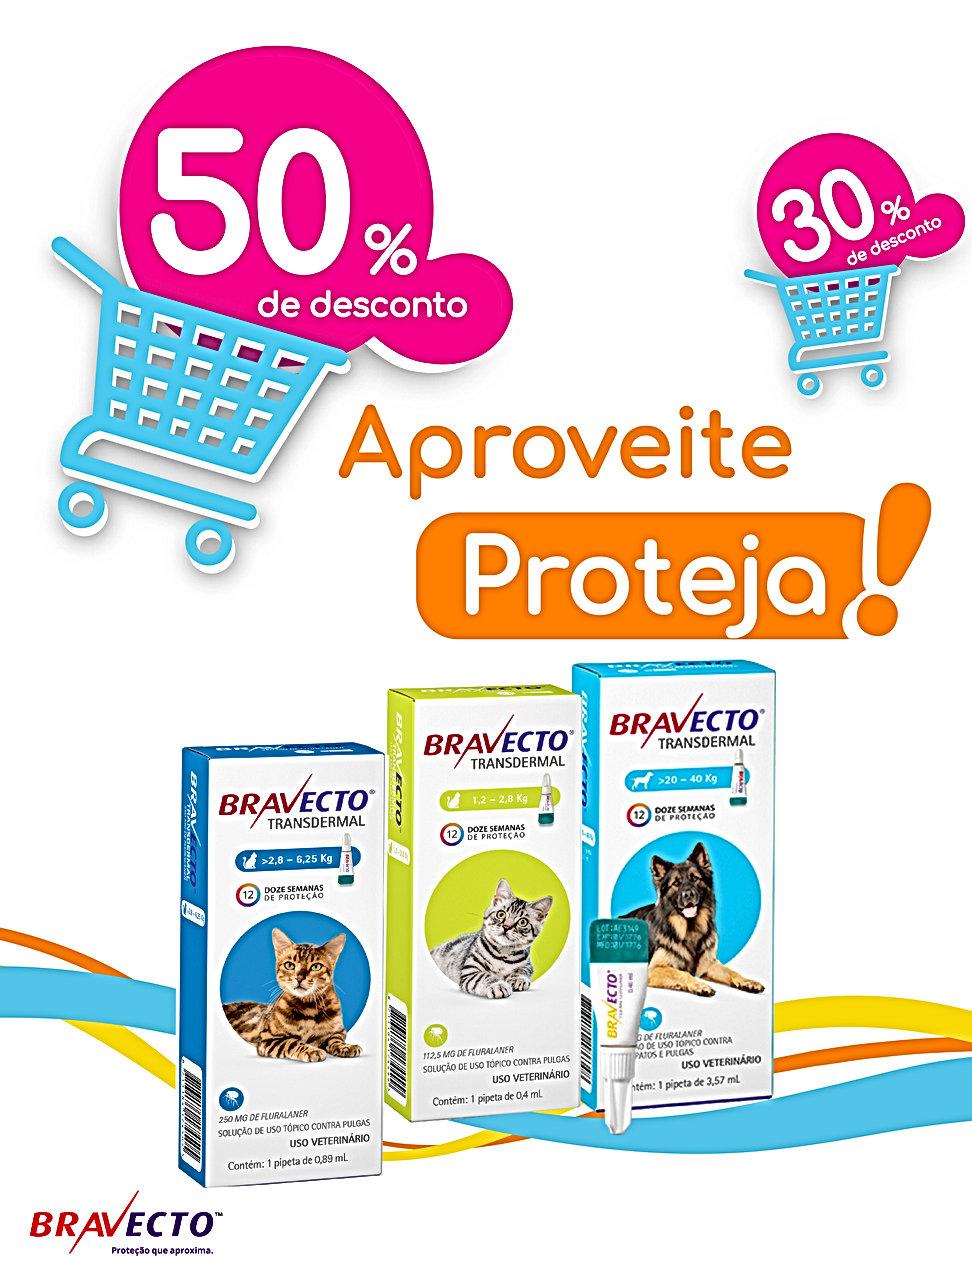 BRAVECTO_Promoção_qfofura_mooca_banhoe